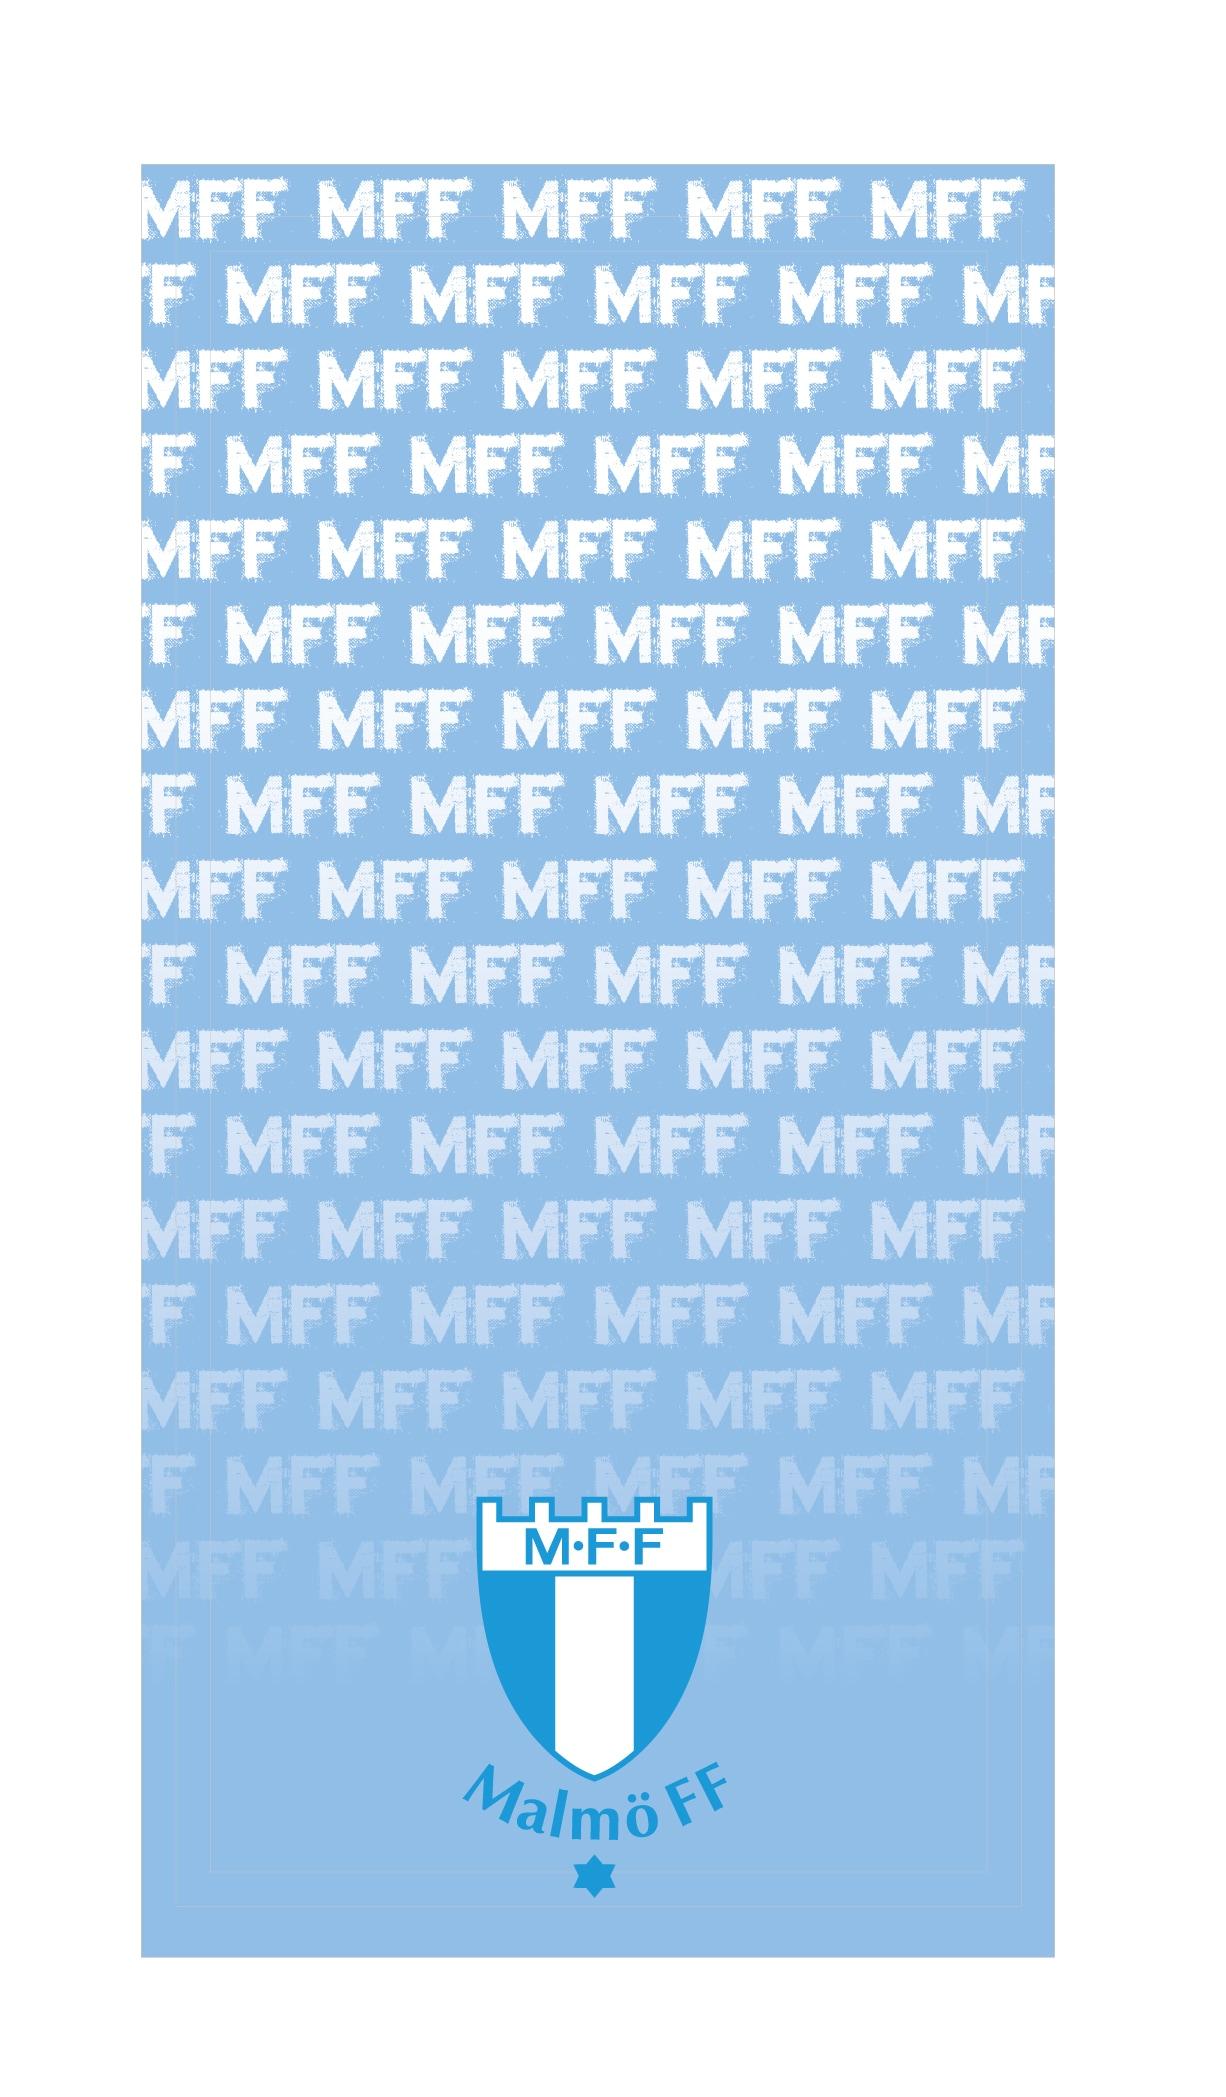 Multiwear MFF